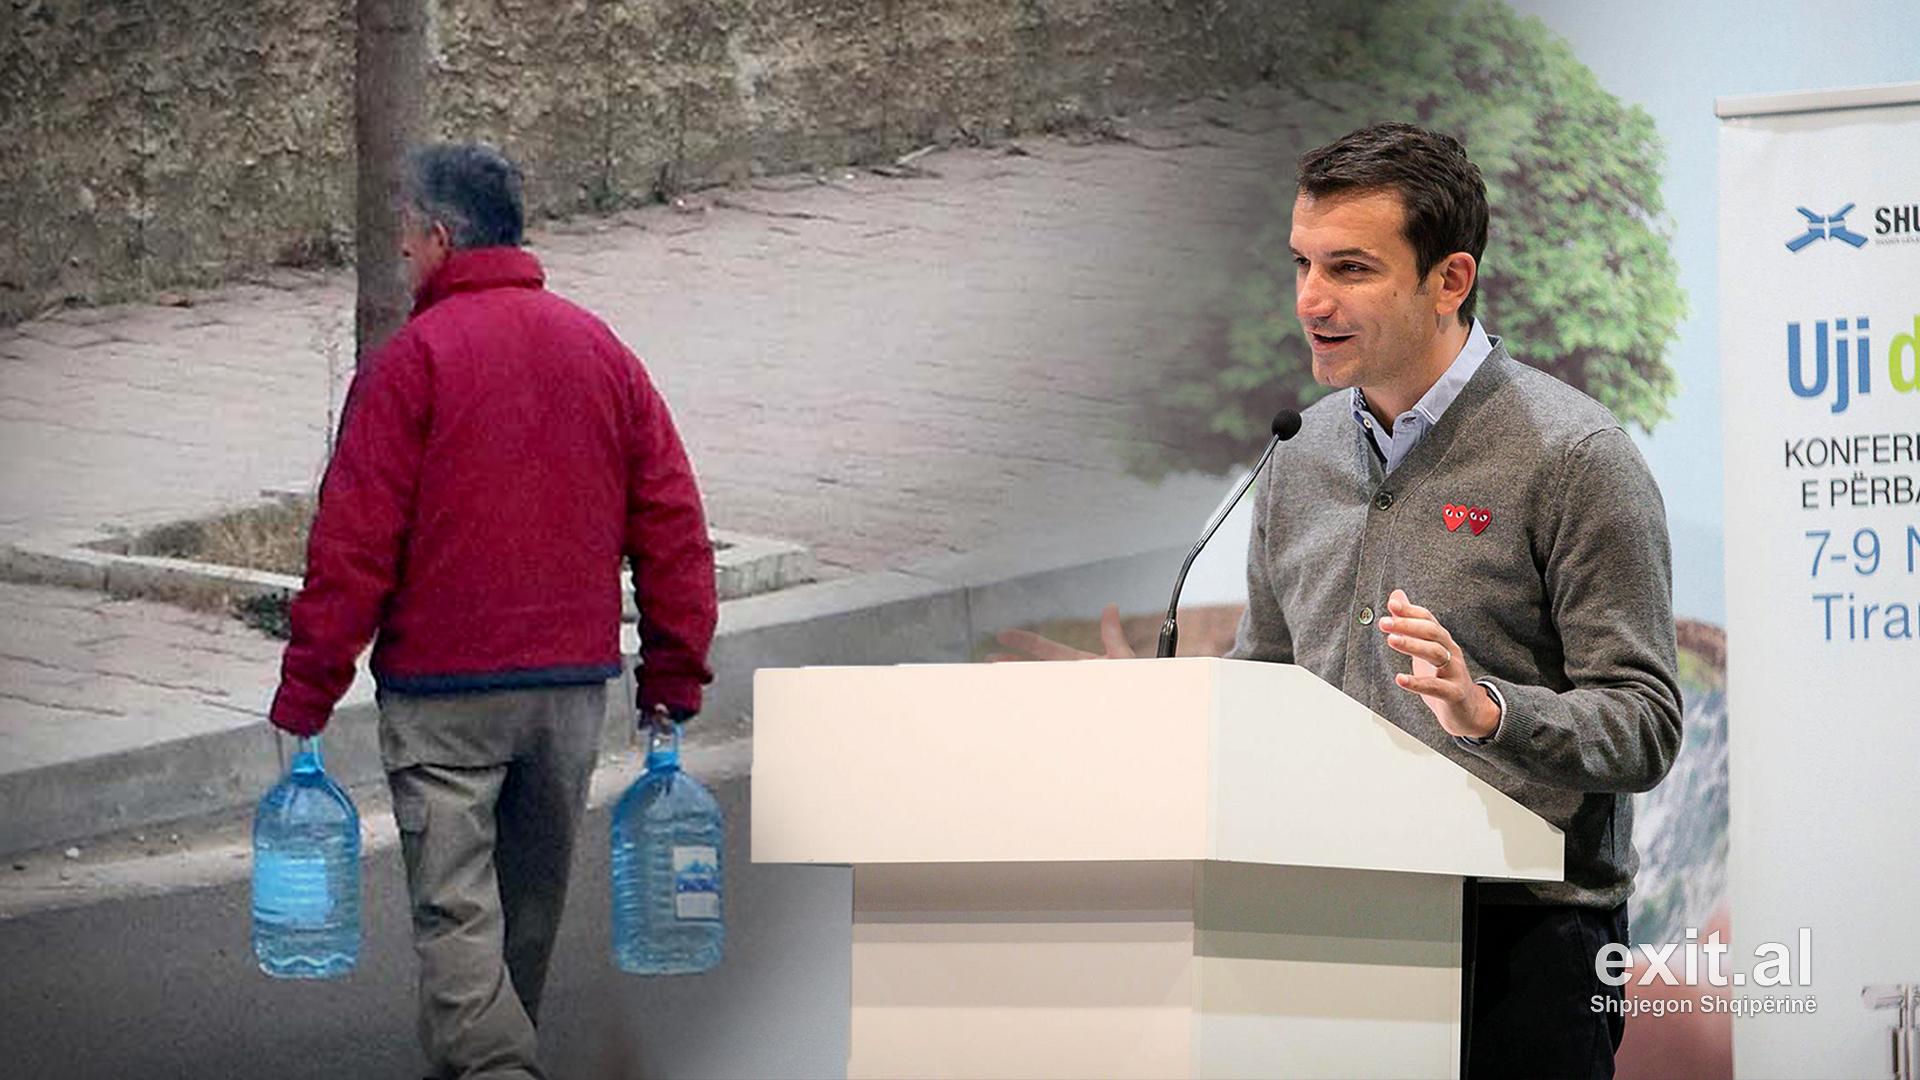 Rritja e çmimit dhe dhjetëra milionë euro kredi nuk zgjidhin problemin e ujit në Tiranë